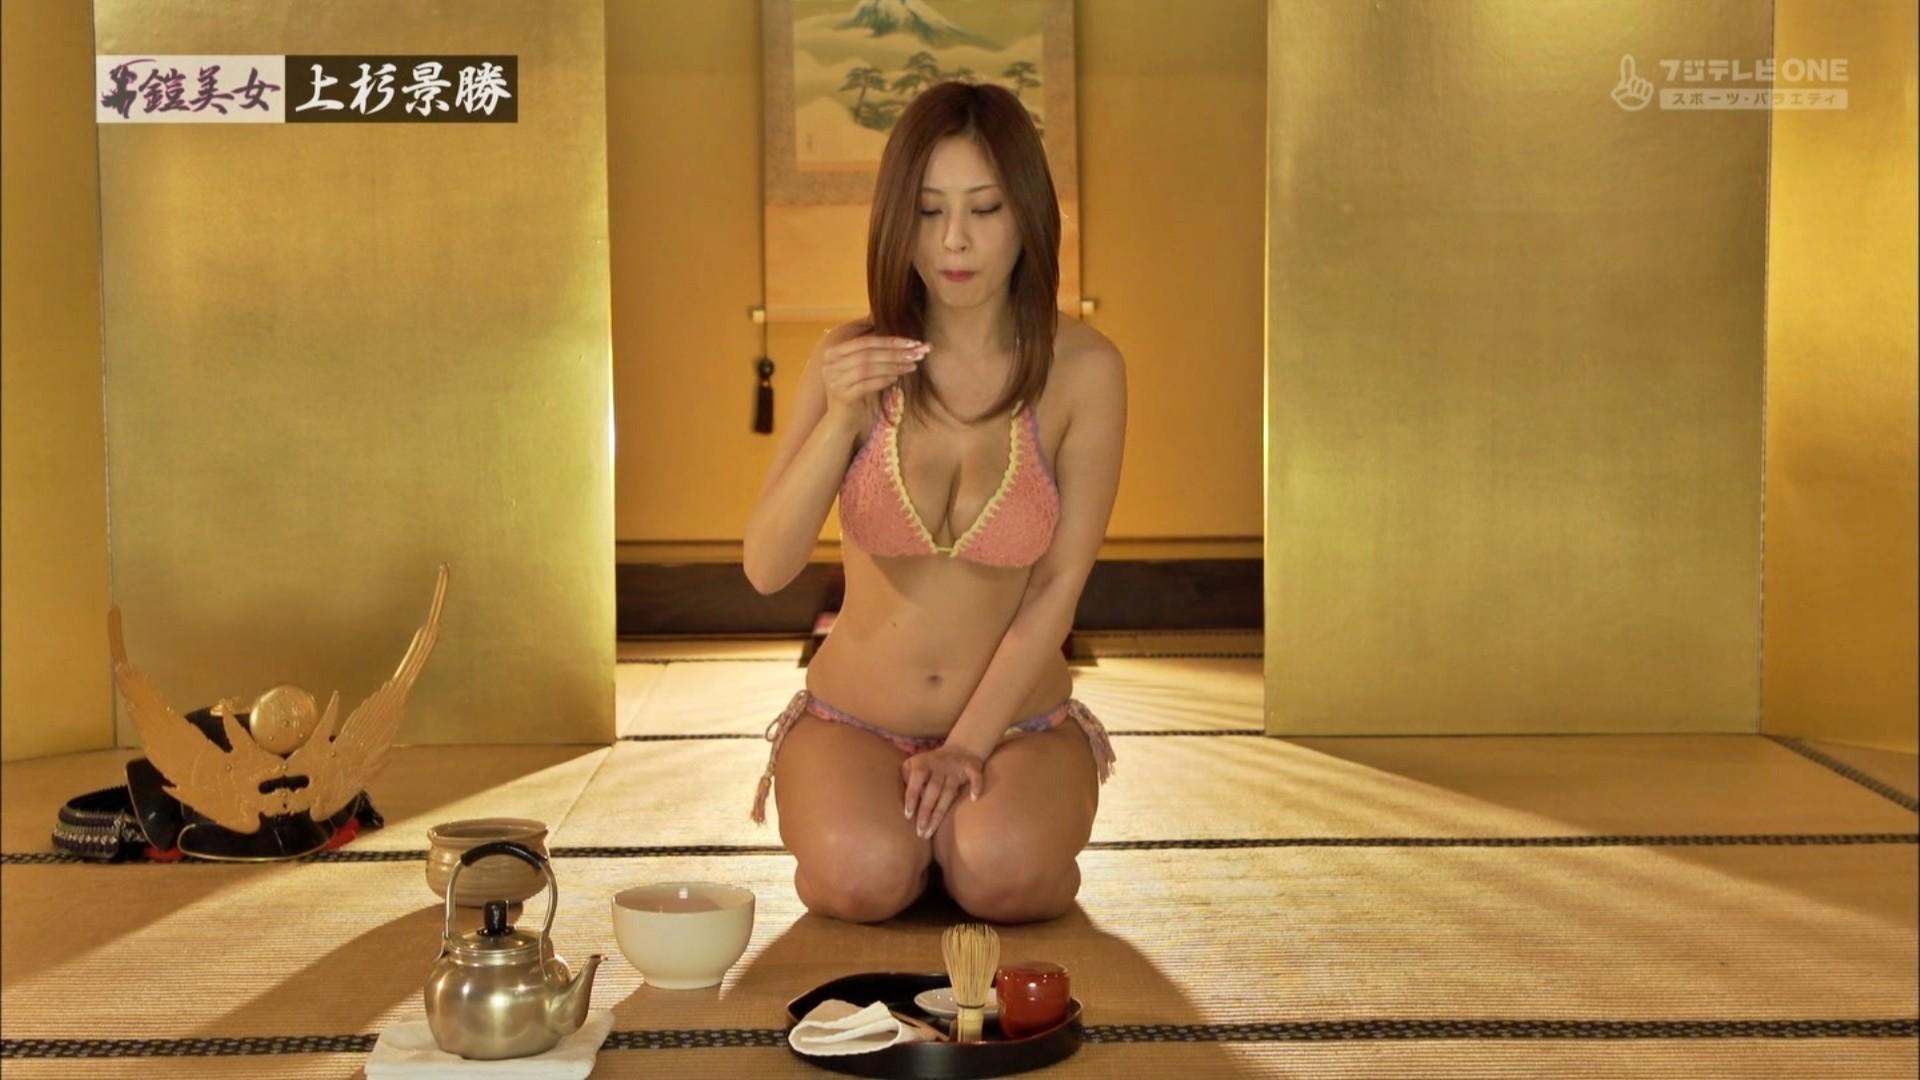 鎧美女♯50・野田彩加さんのテレビキャプチャー画像-075